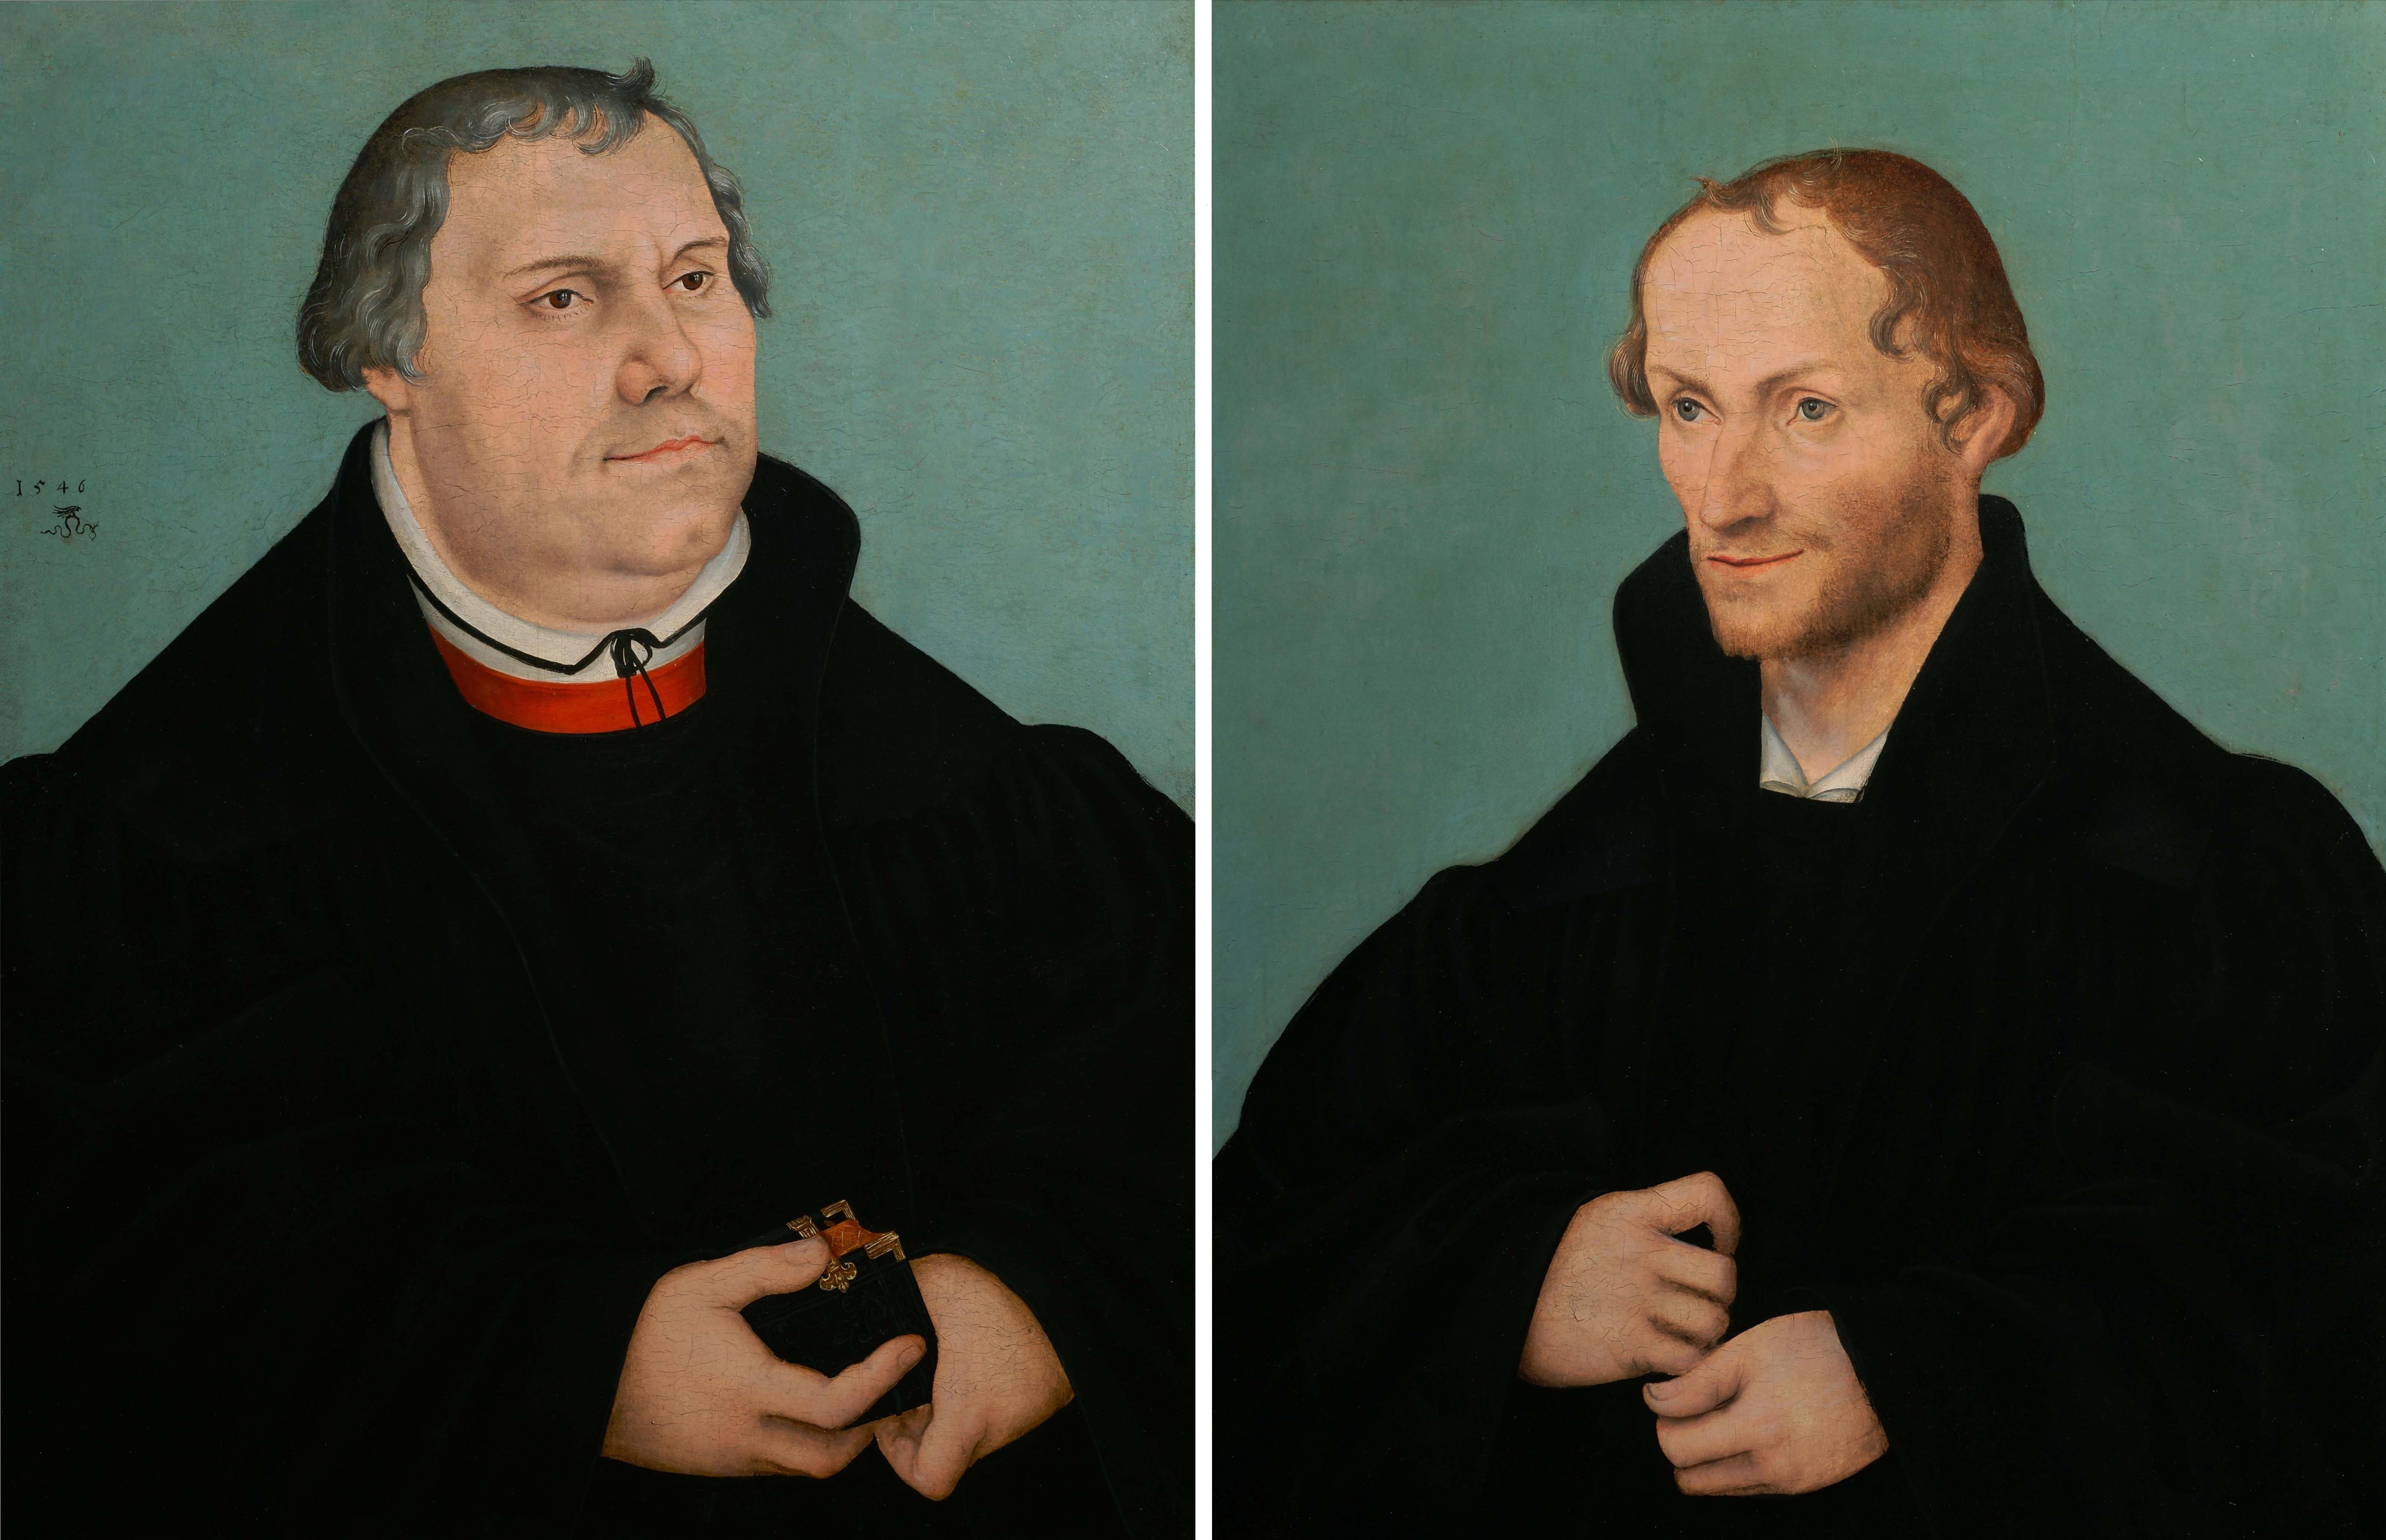 Lucas Cranach le jeune 1546 Martin_Luther_Philippe_Melanchthon